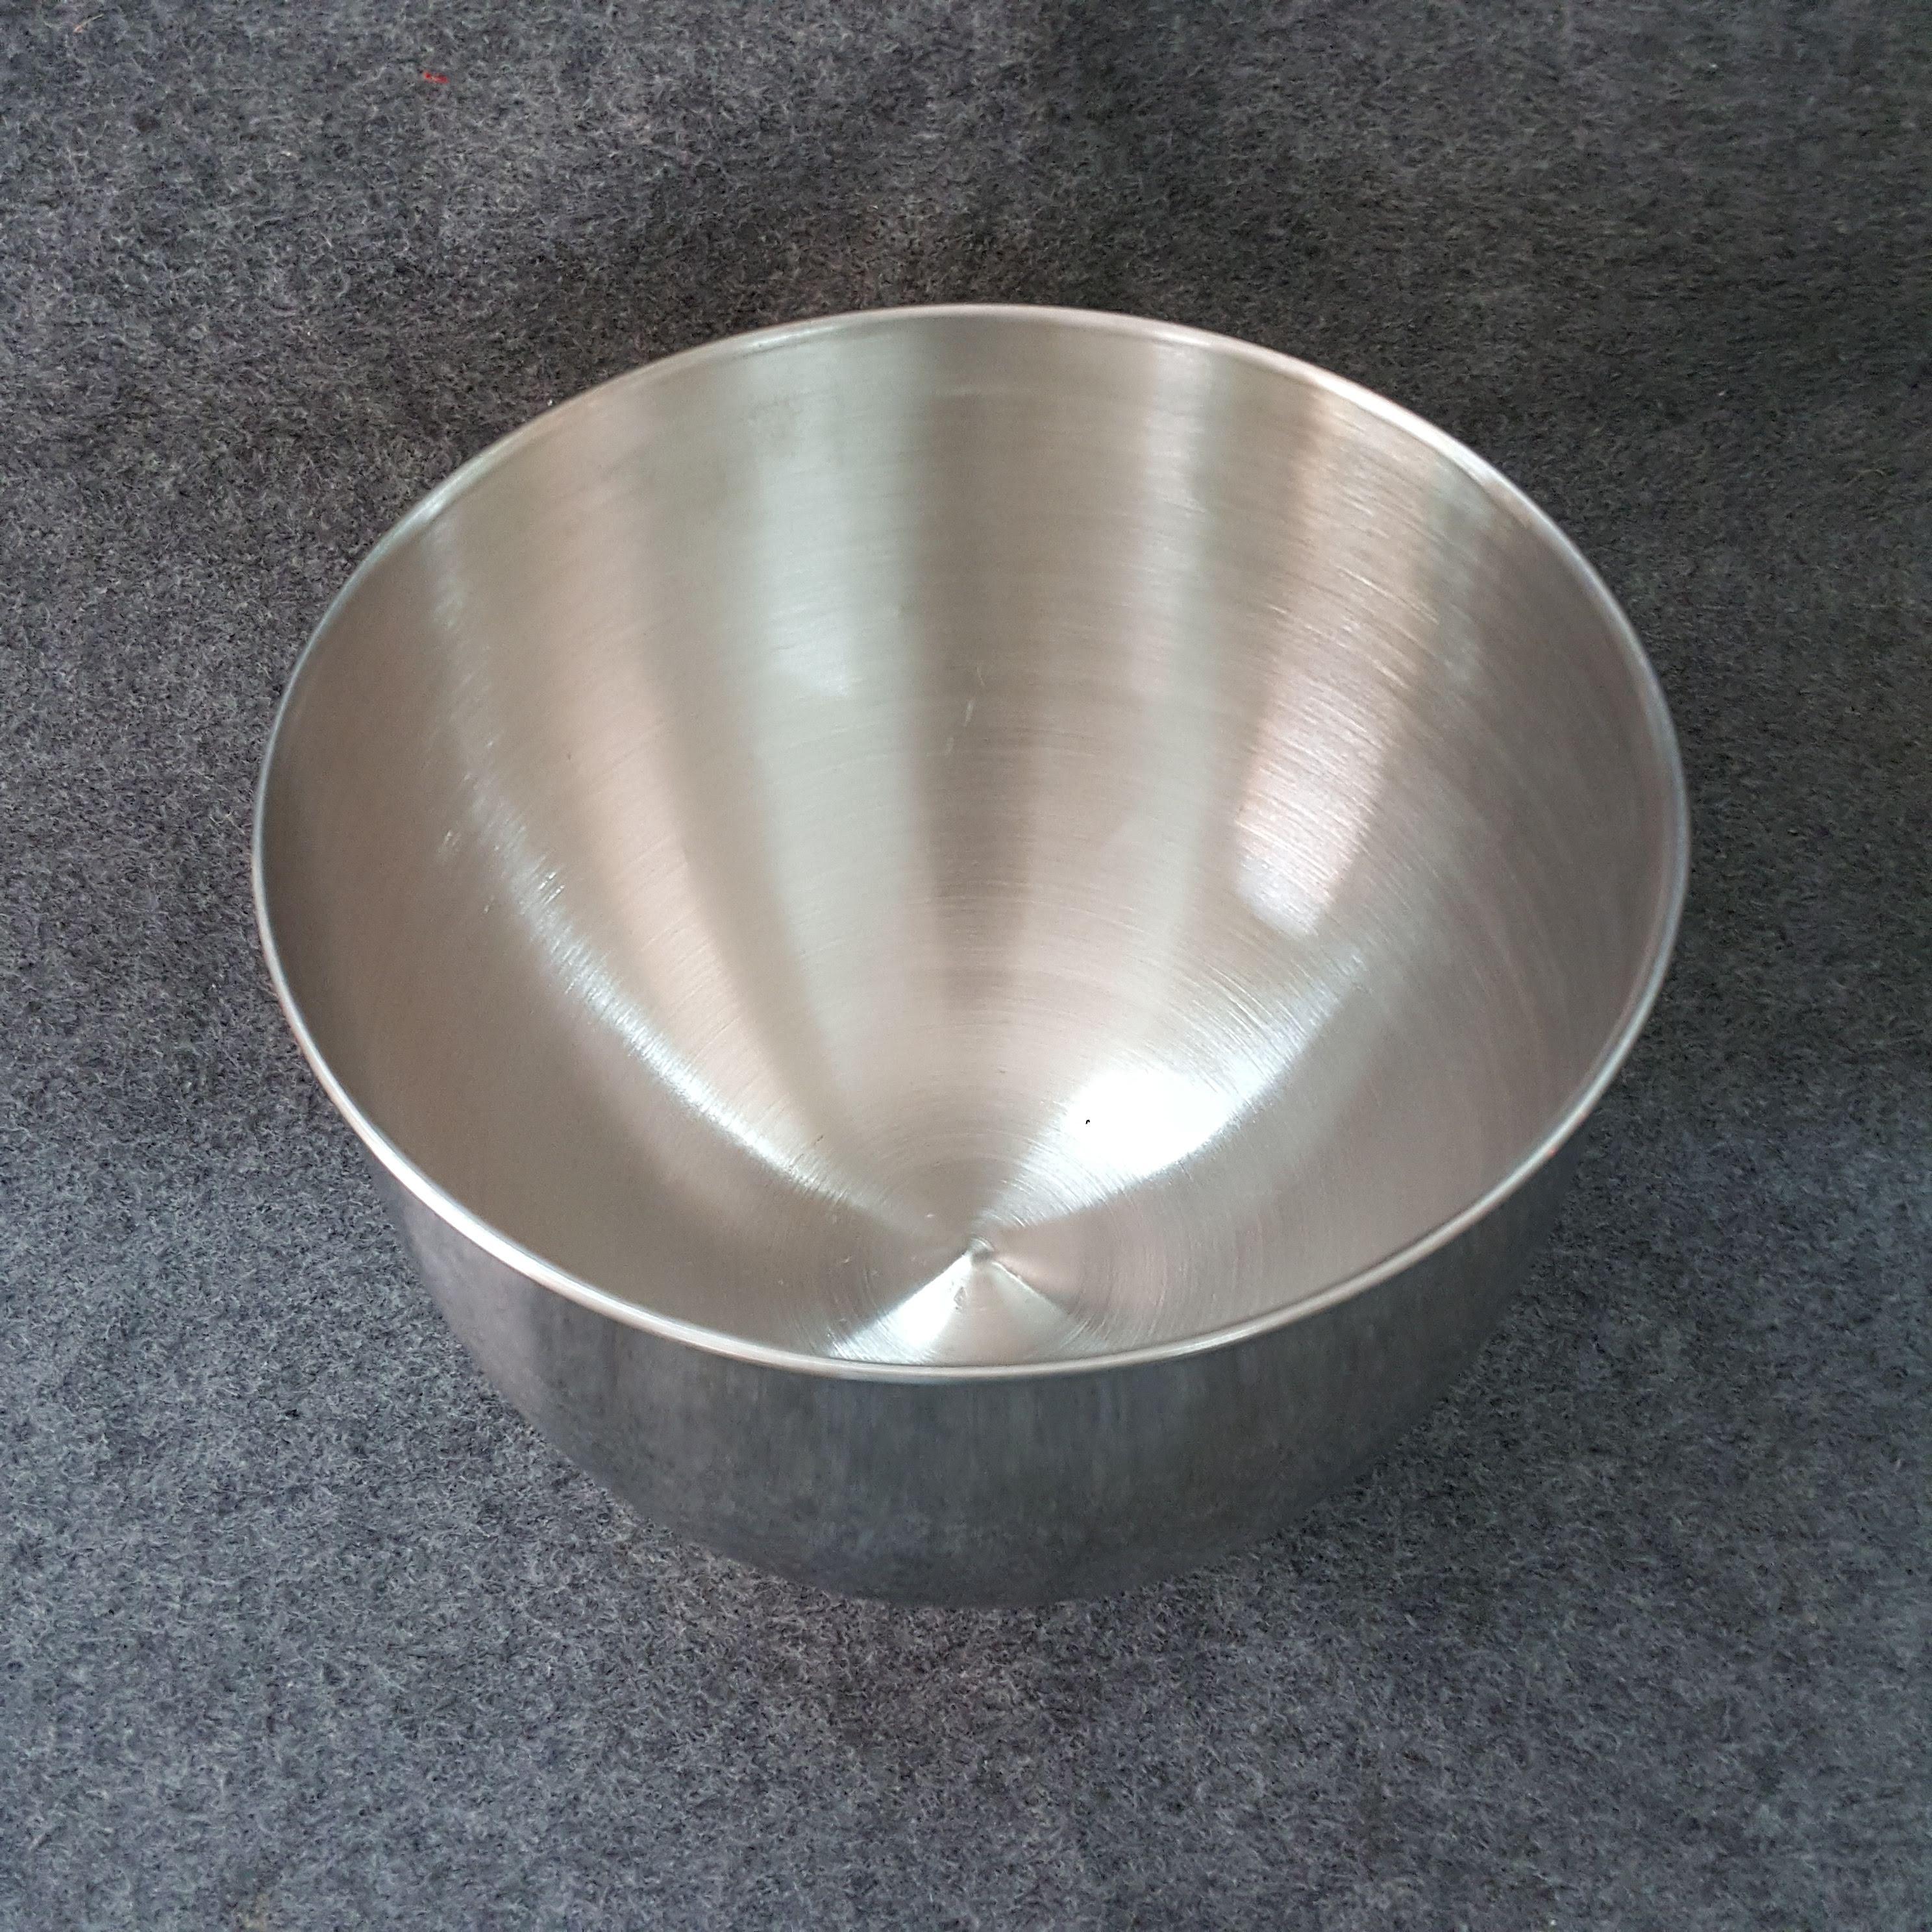 Máy đánh trứng, trộn bột, đánh kem BM6178 1200W, bồn trộn bằng inox 4 lít